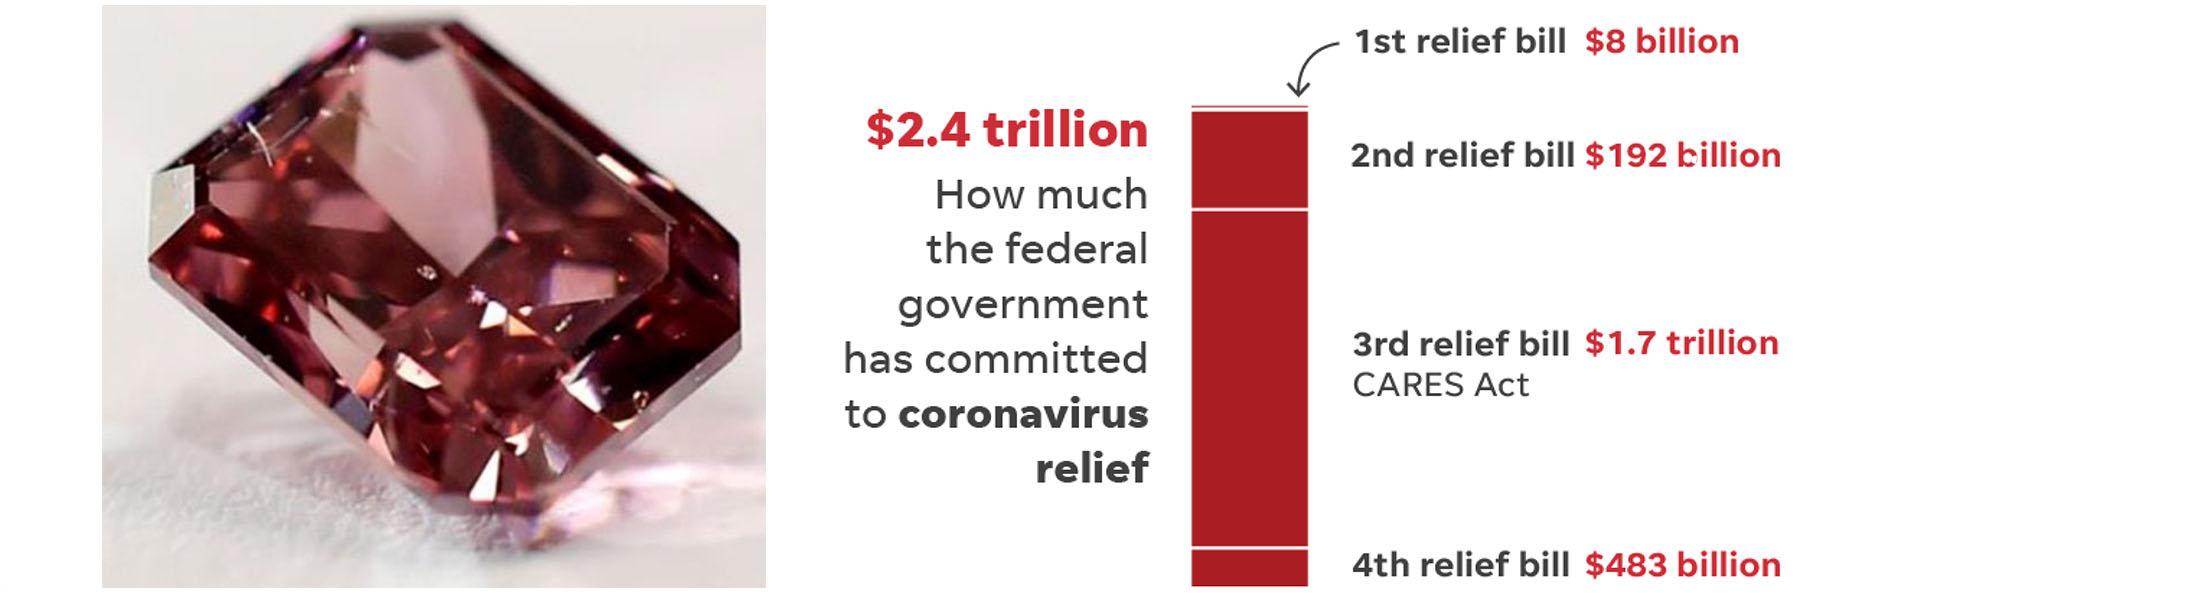 U.S. Debt in 2020: